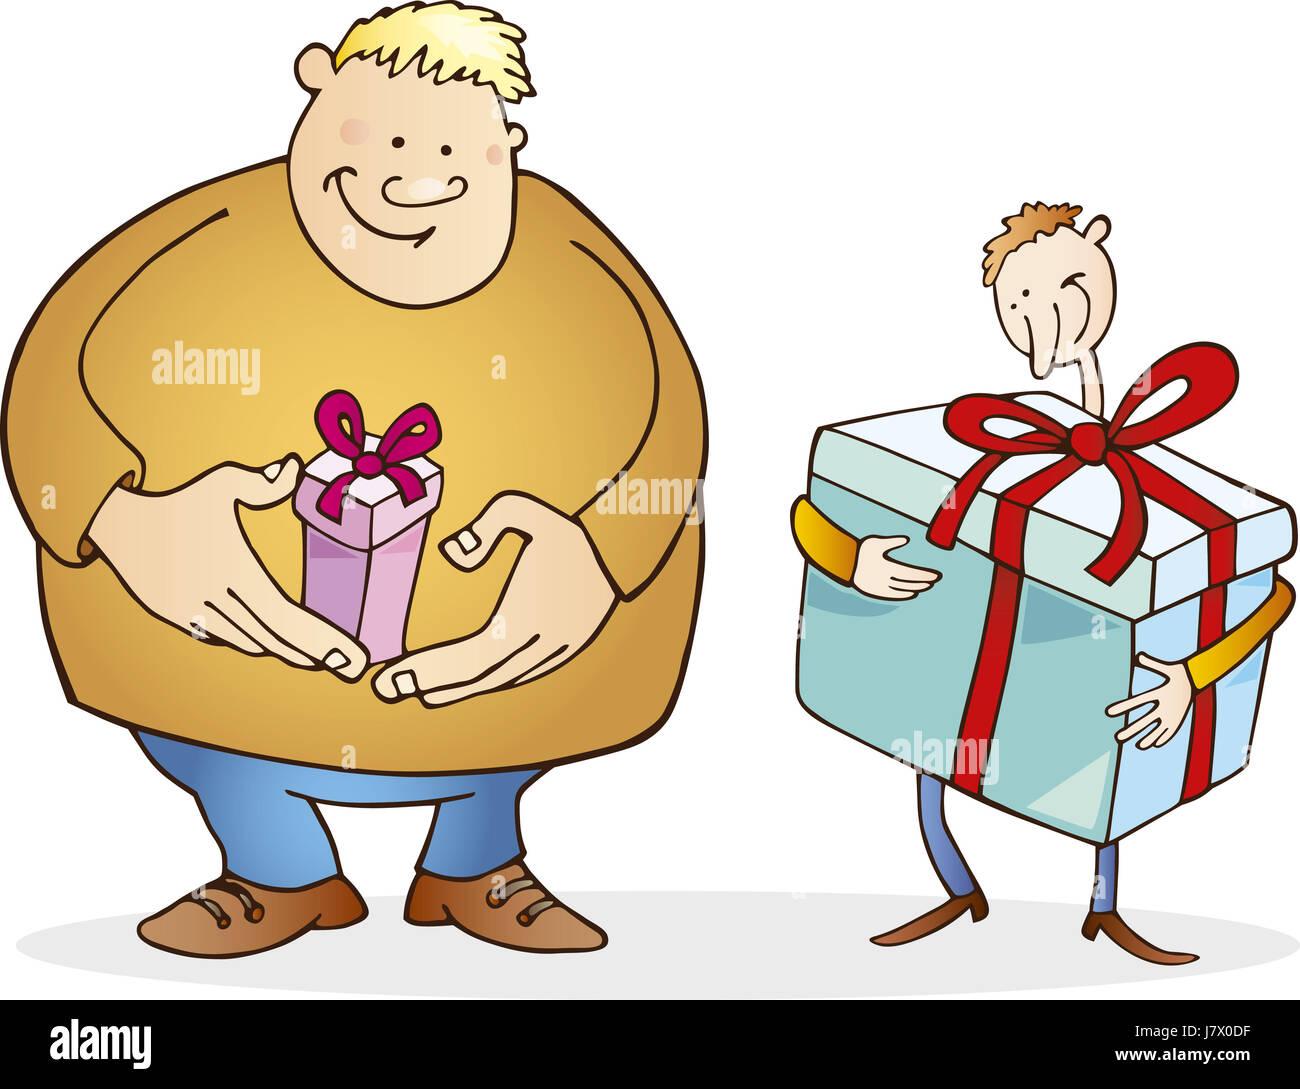 Abbildung Geschenk Weihnachten Cartoon Geburtstag Freund Weihnachten ...